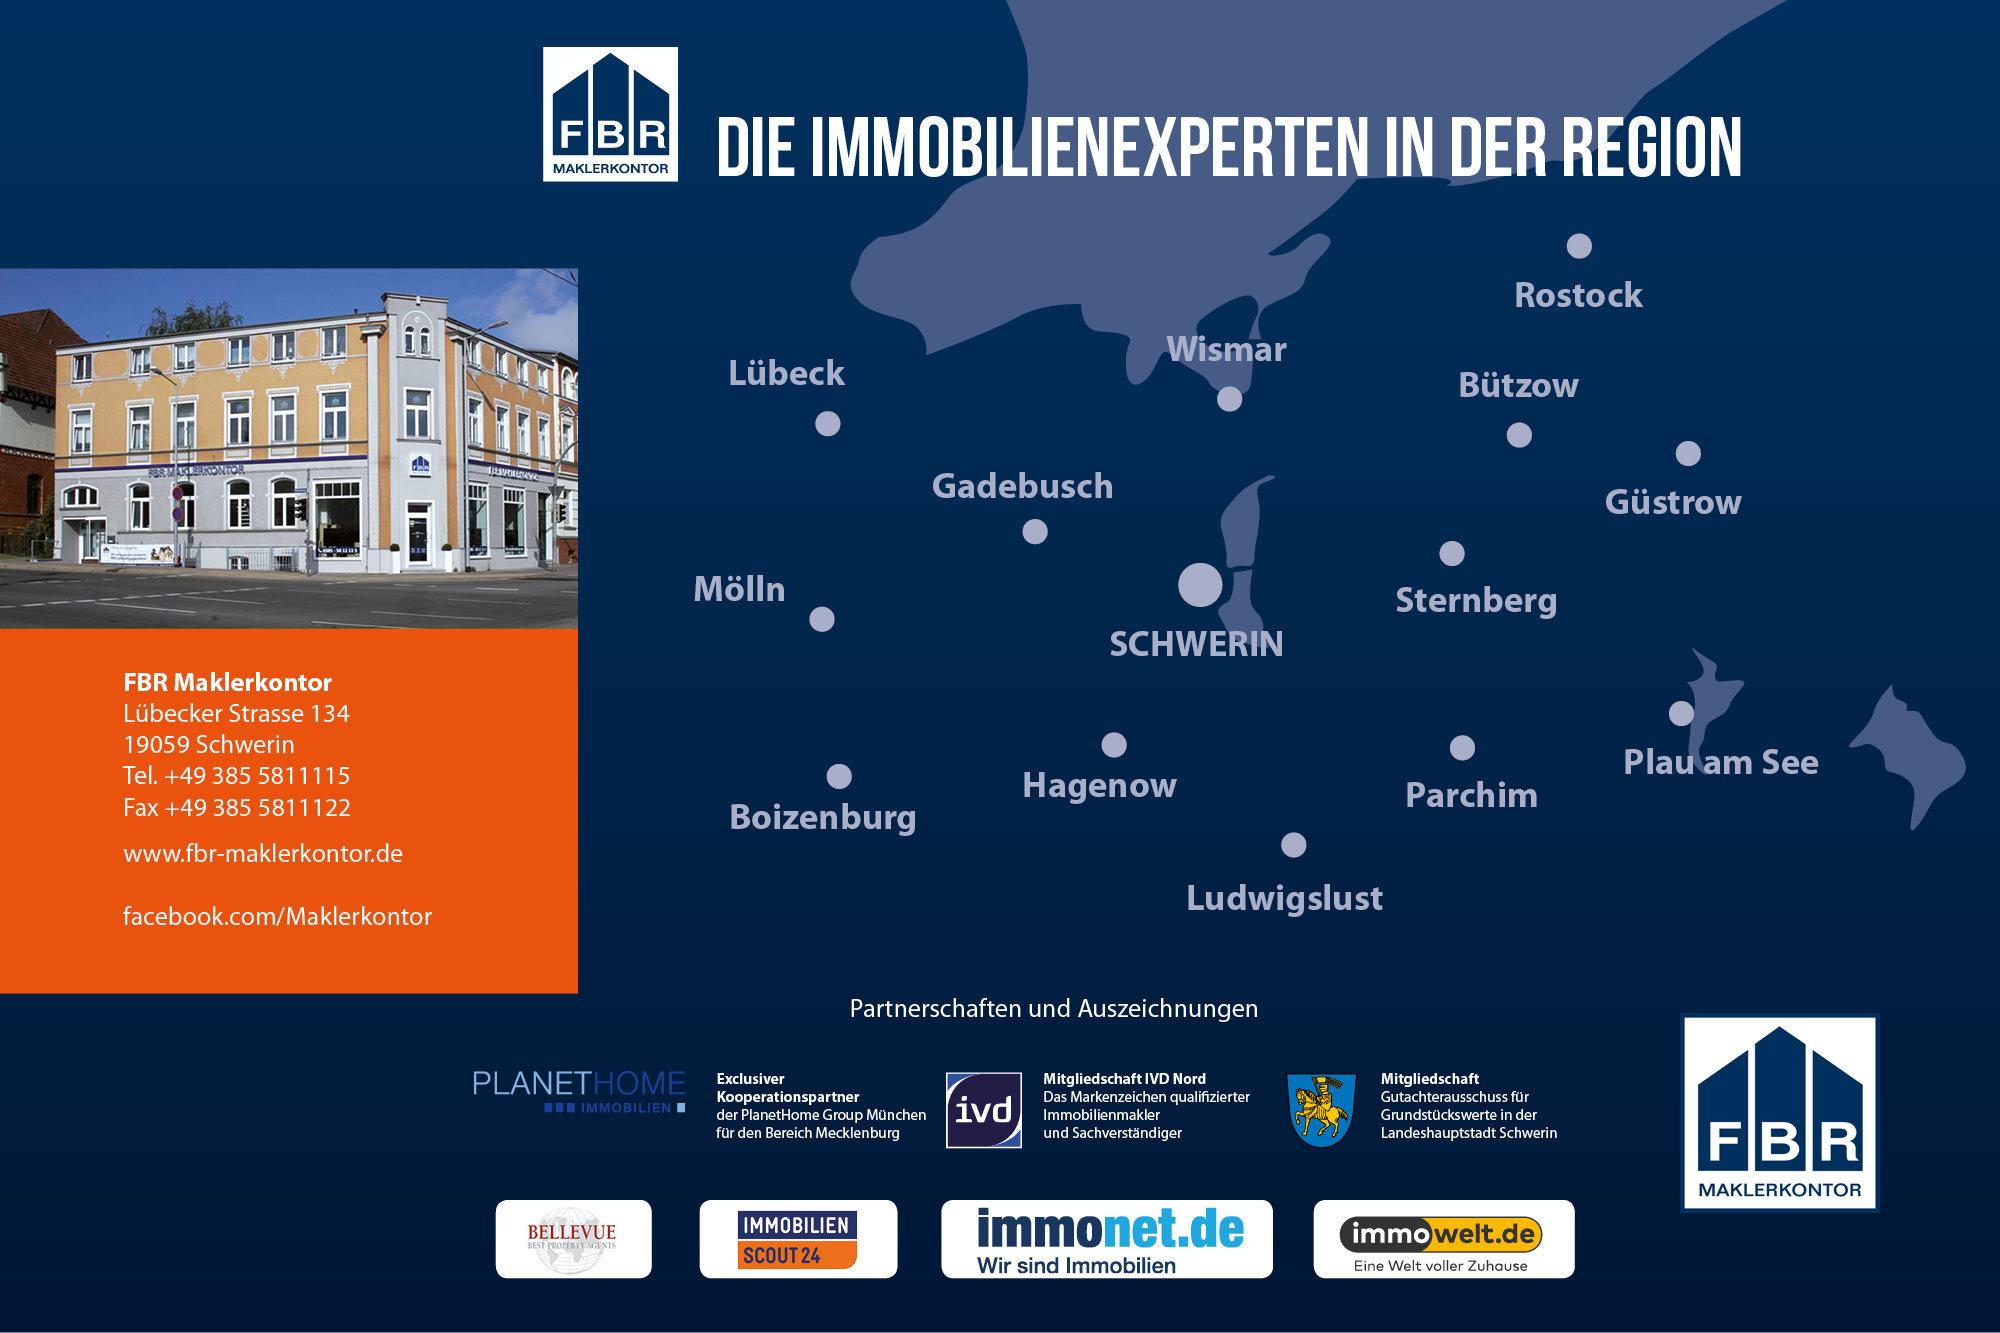 FBR - Unsere Region